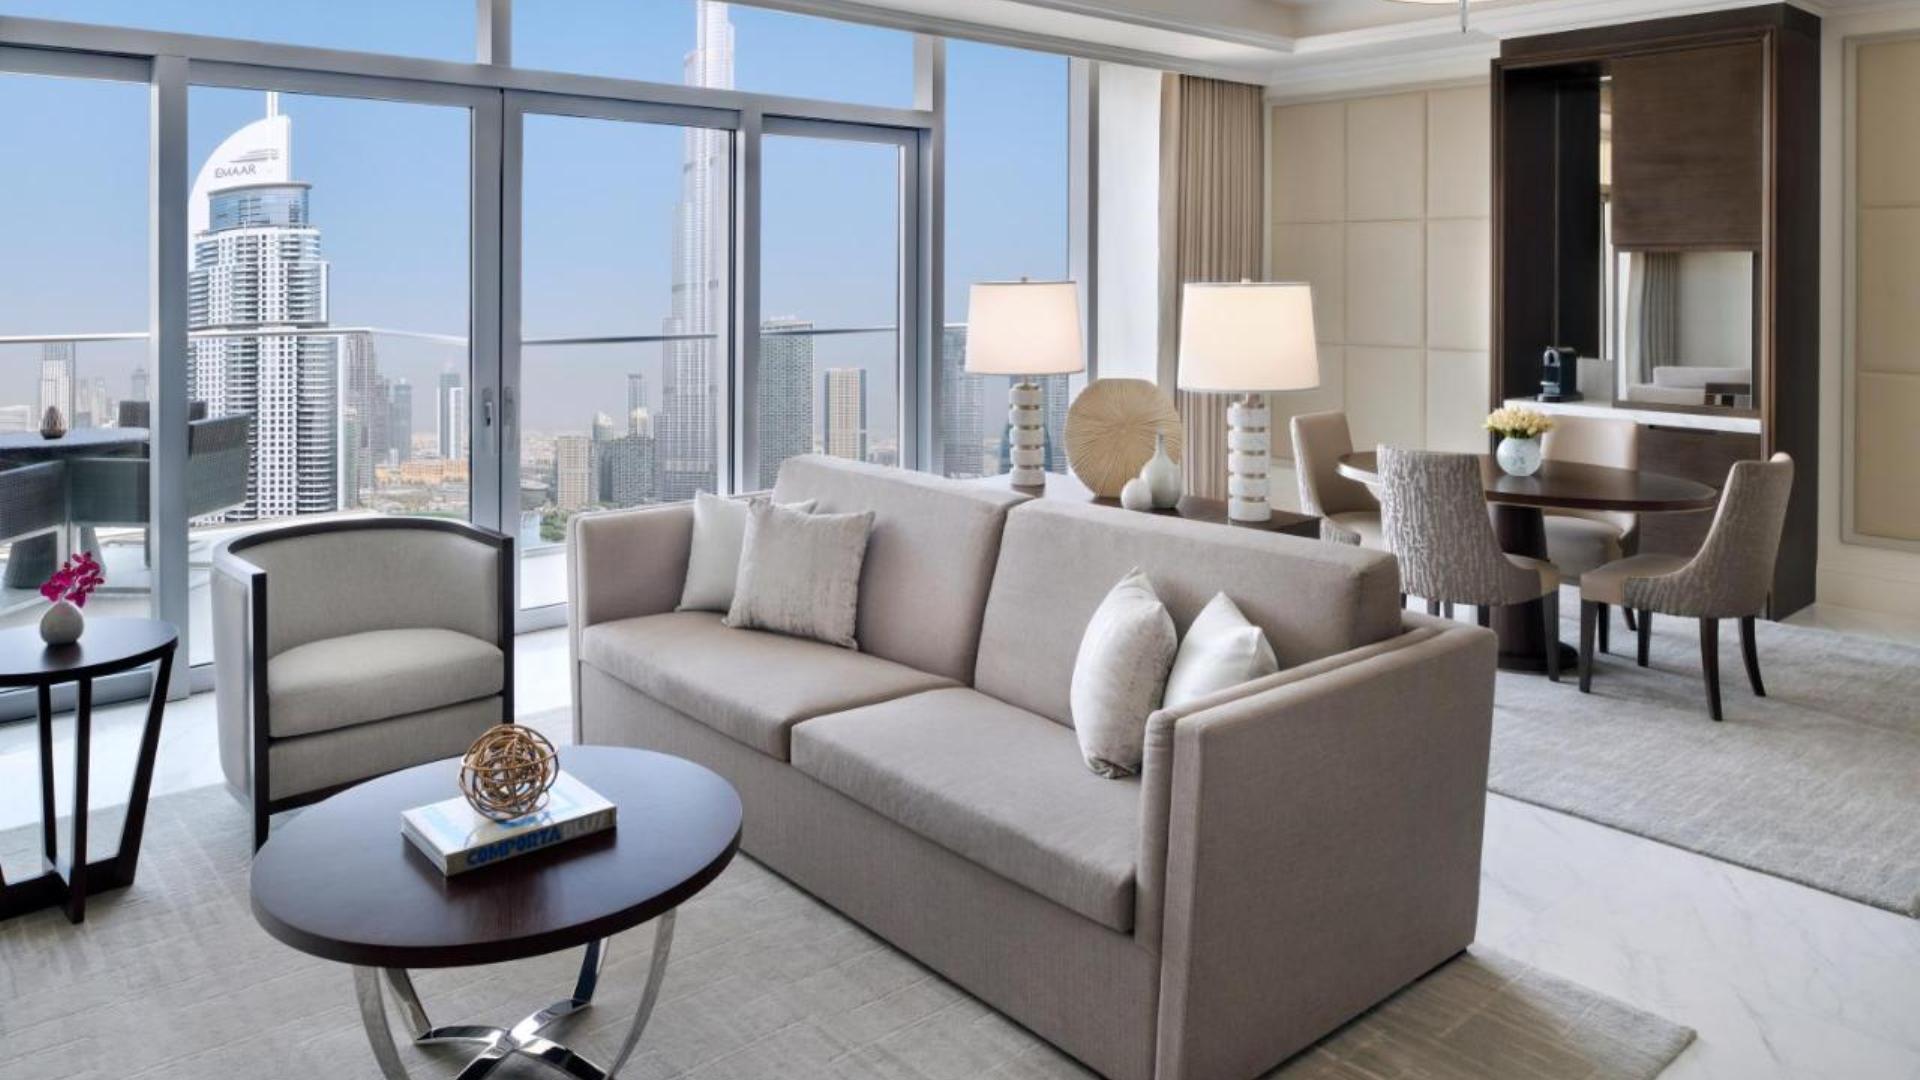 Apartamento en venta en Dubai, EAU, 3 dormitorios, 185 m2, № 24391 – foto 1